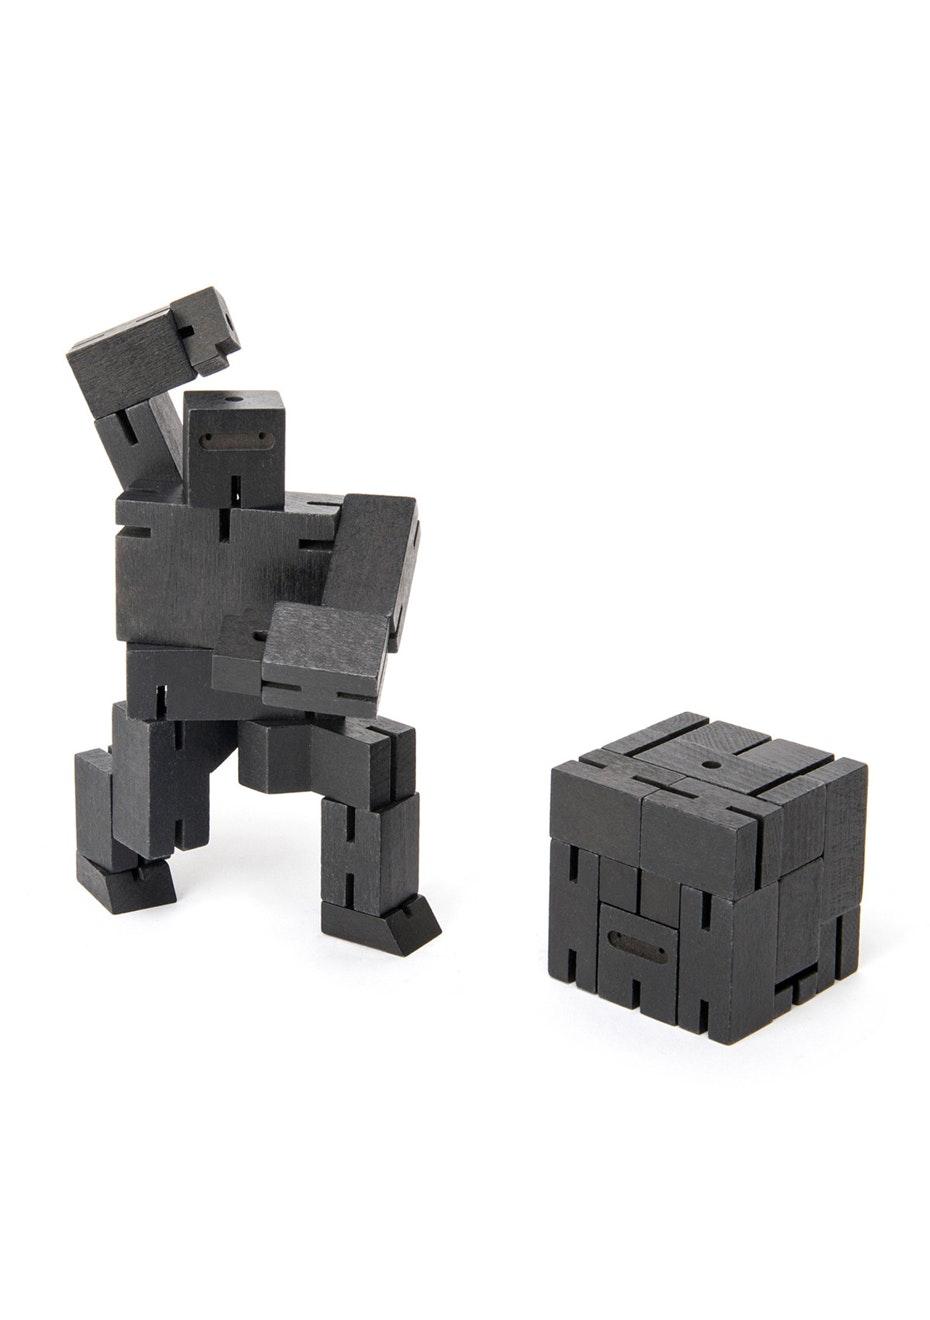 Areaware - Cubebot Small Ninja - Black